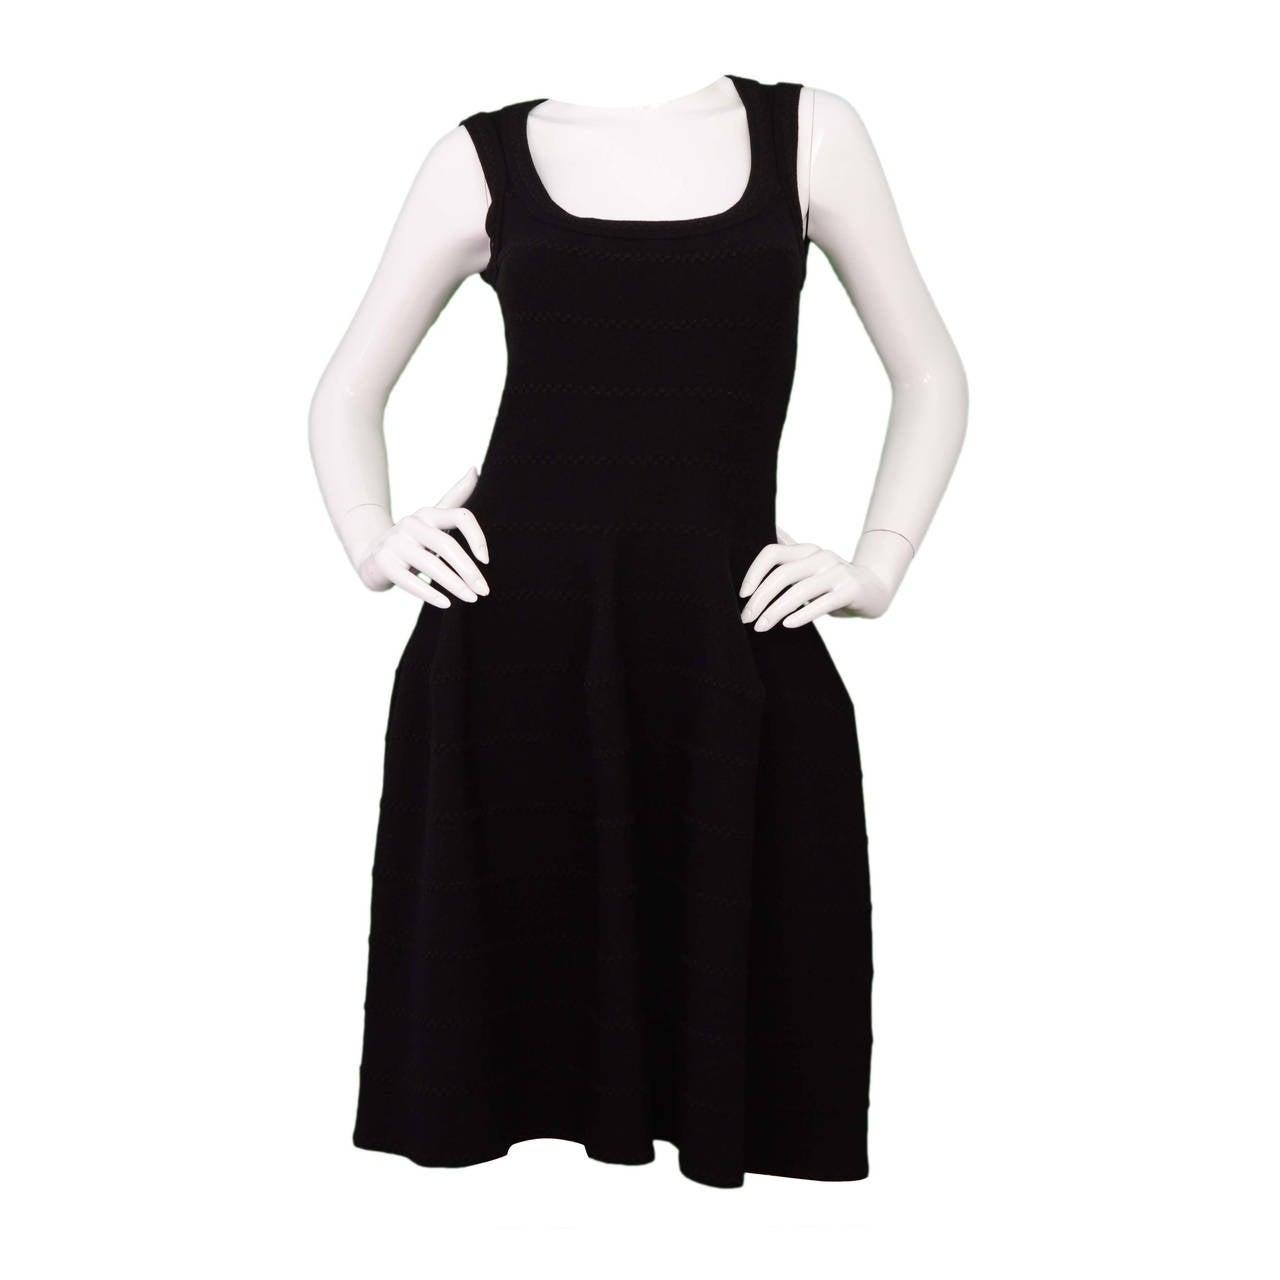 ALAIA Black Knit Fit Flare Dress w/ Metallic Detail sz 40